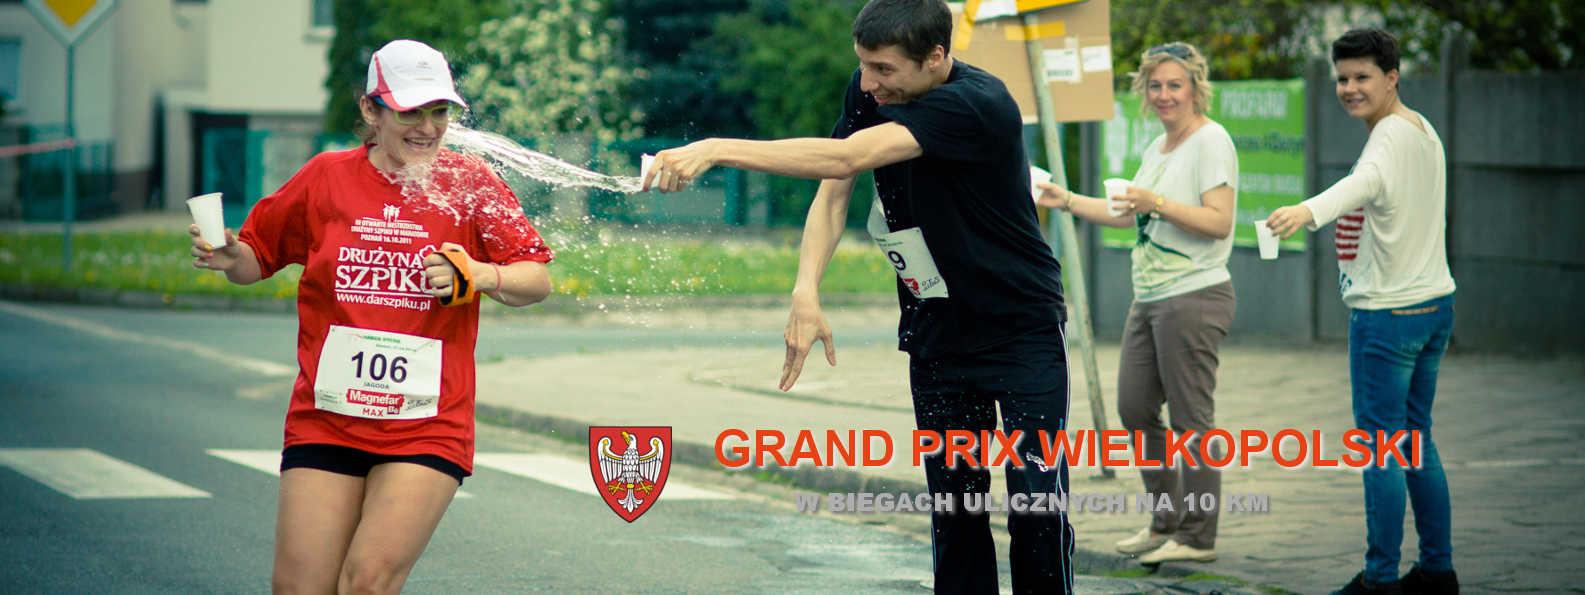 grand_prix_wielkopolski_nasza_dycha_slider